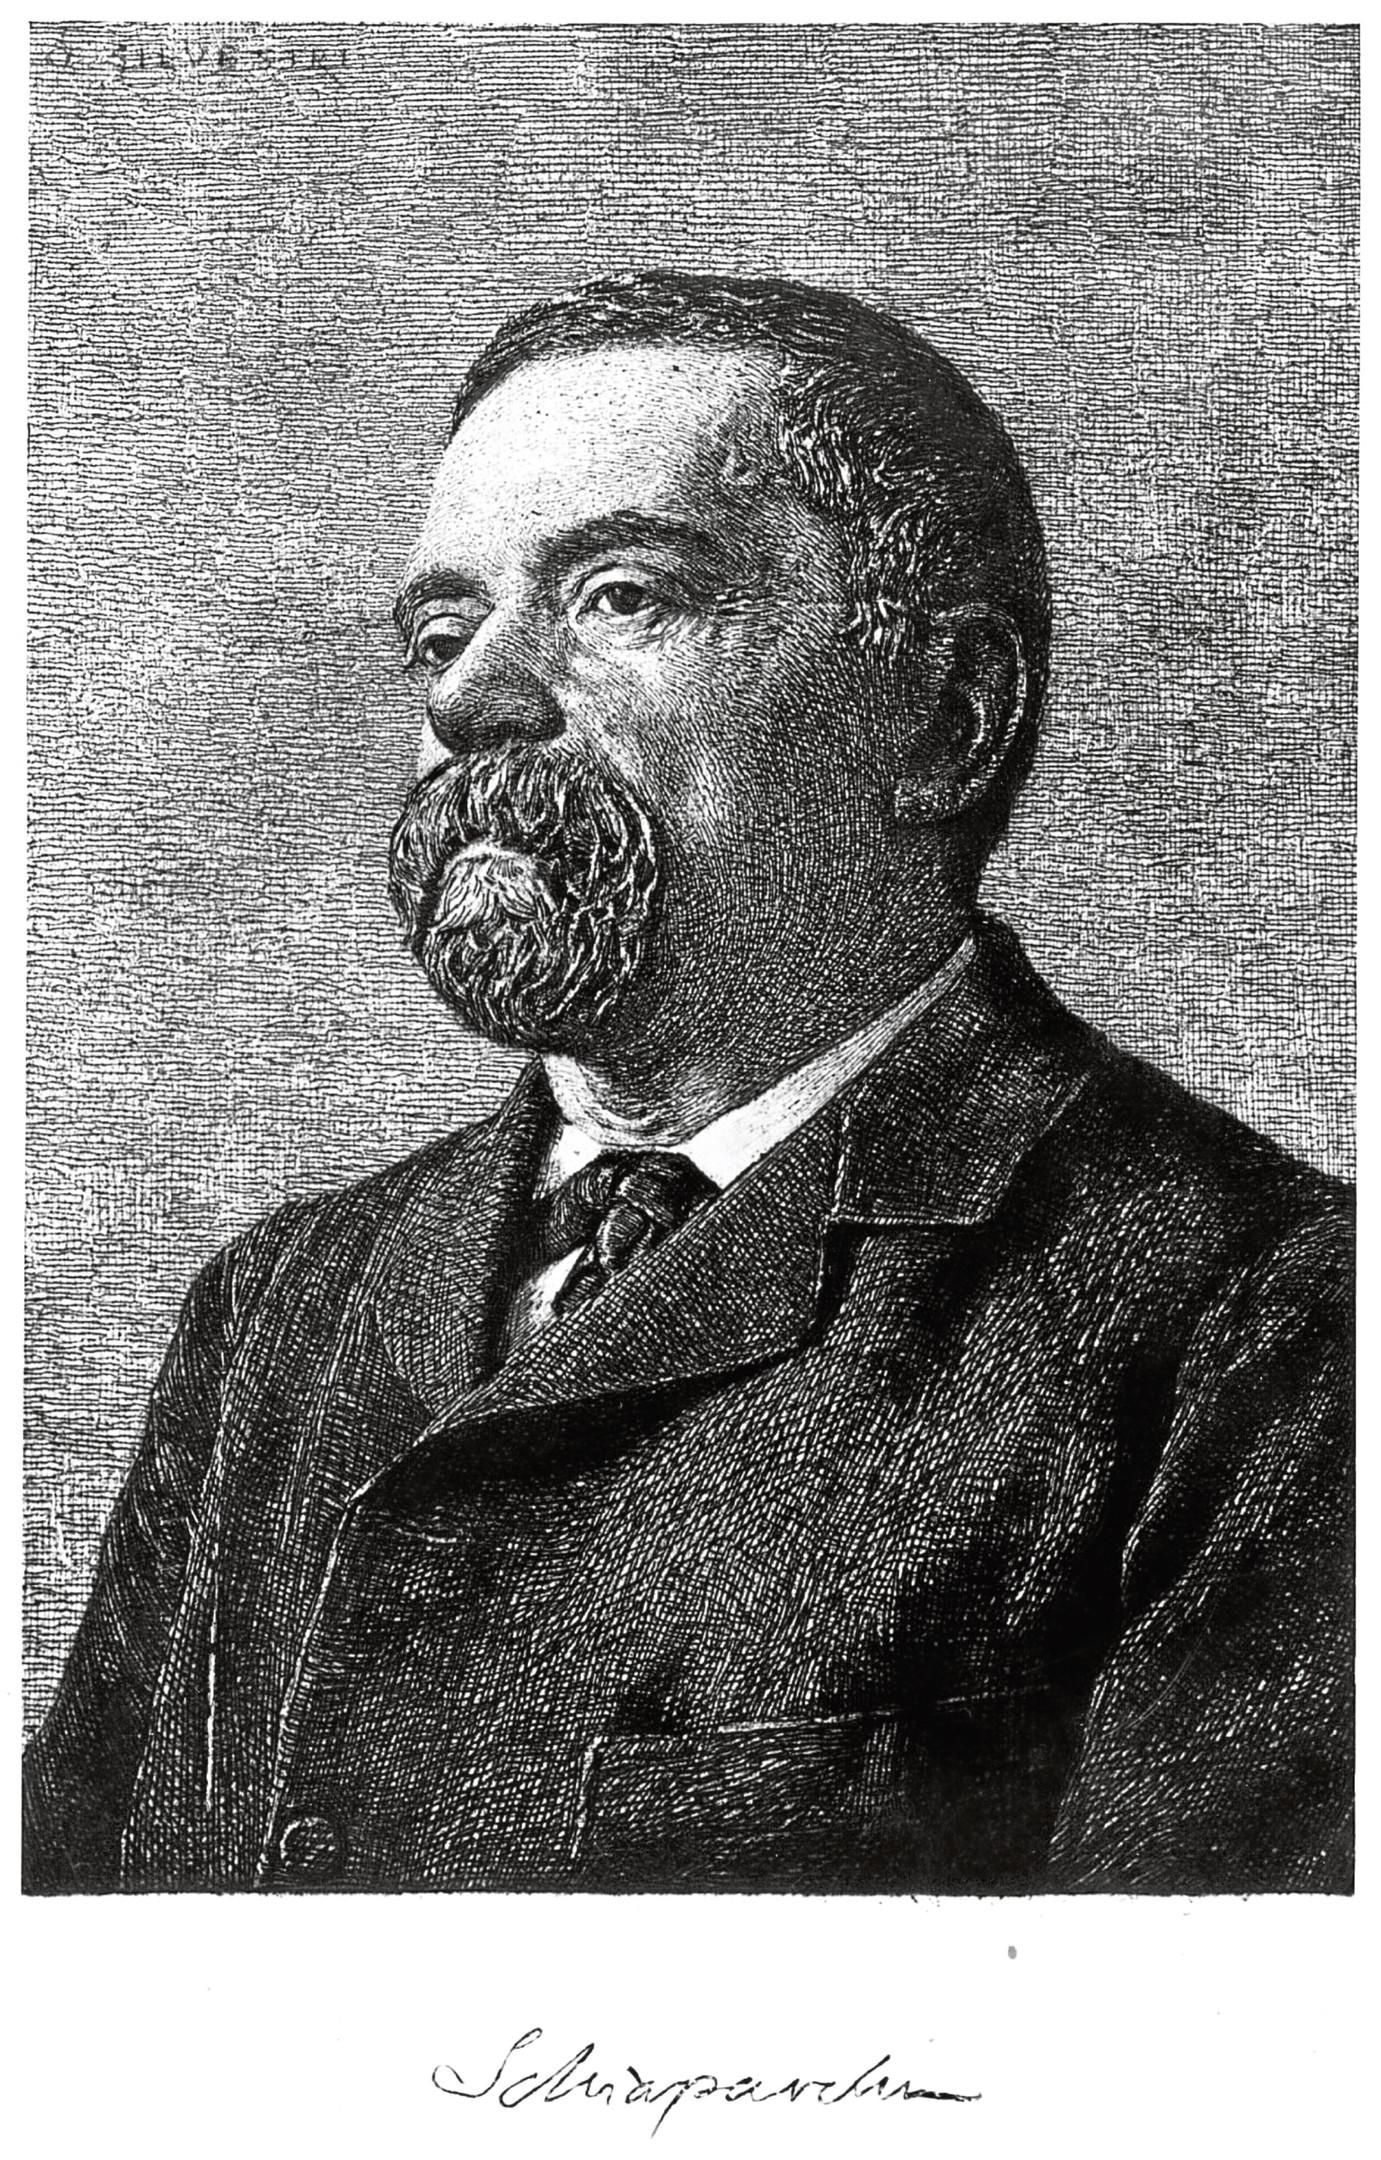 circa 1880: Italian astronomer and senator, Giovanni Virgino Schiaparelli (1835 - 1910). (Photo by Hulton Archive/Getty Images)